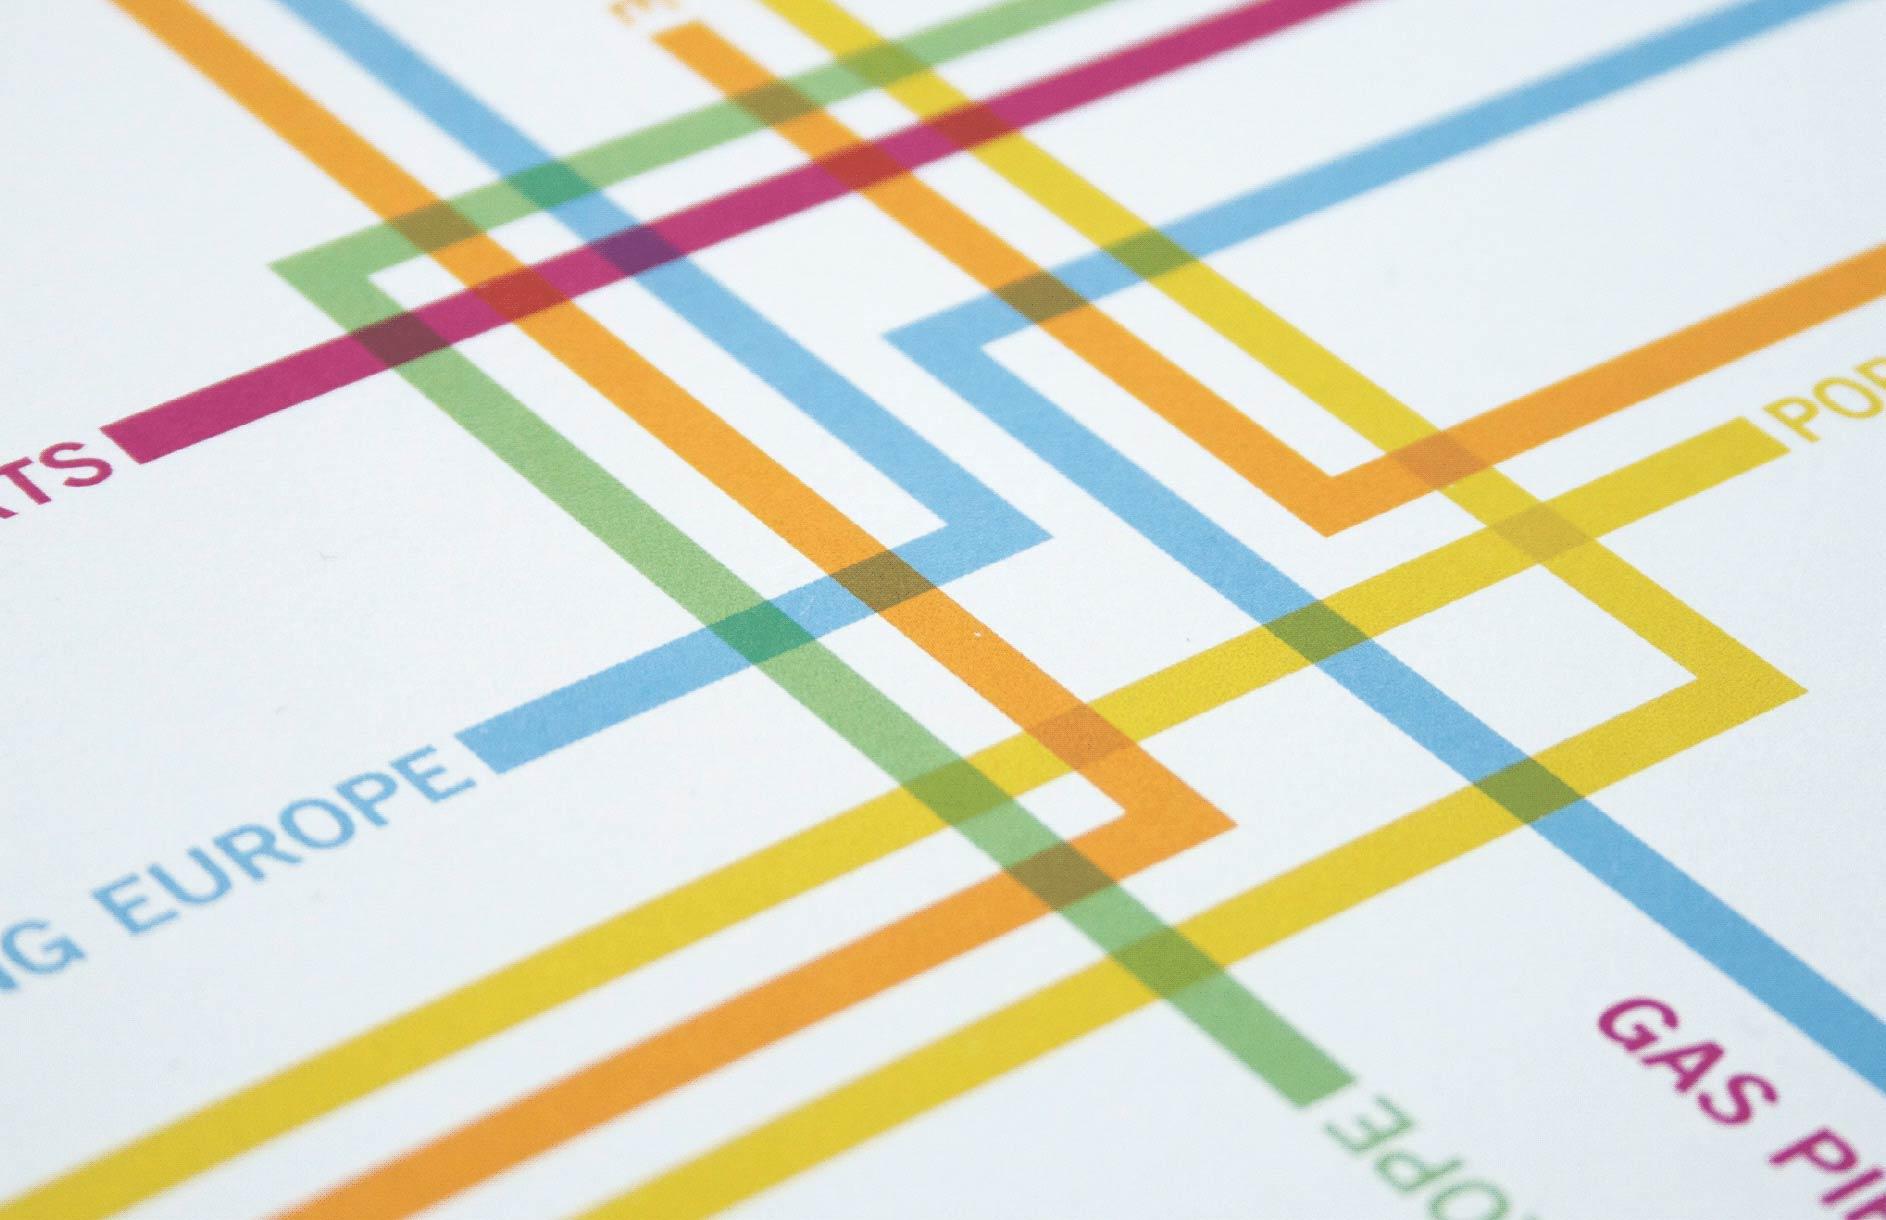 Linklaters / Infrastructure report